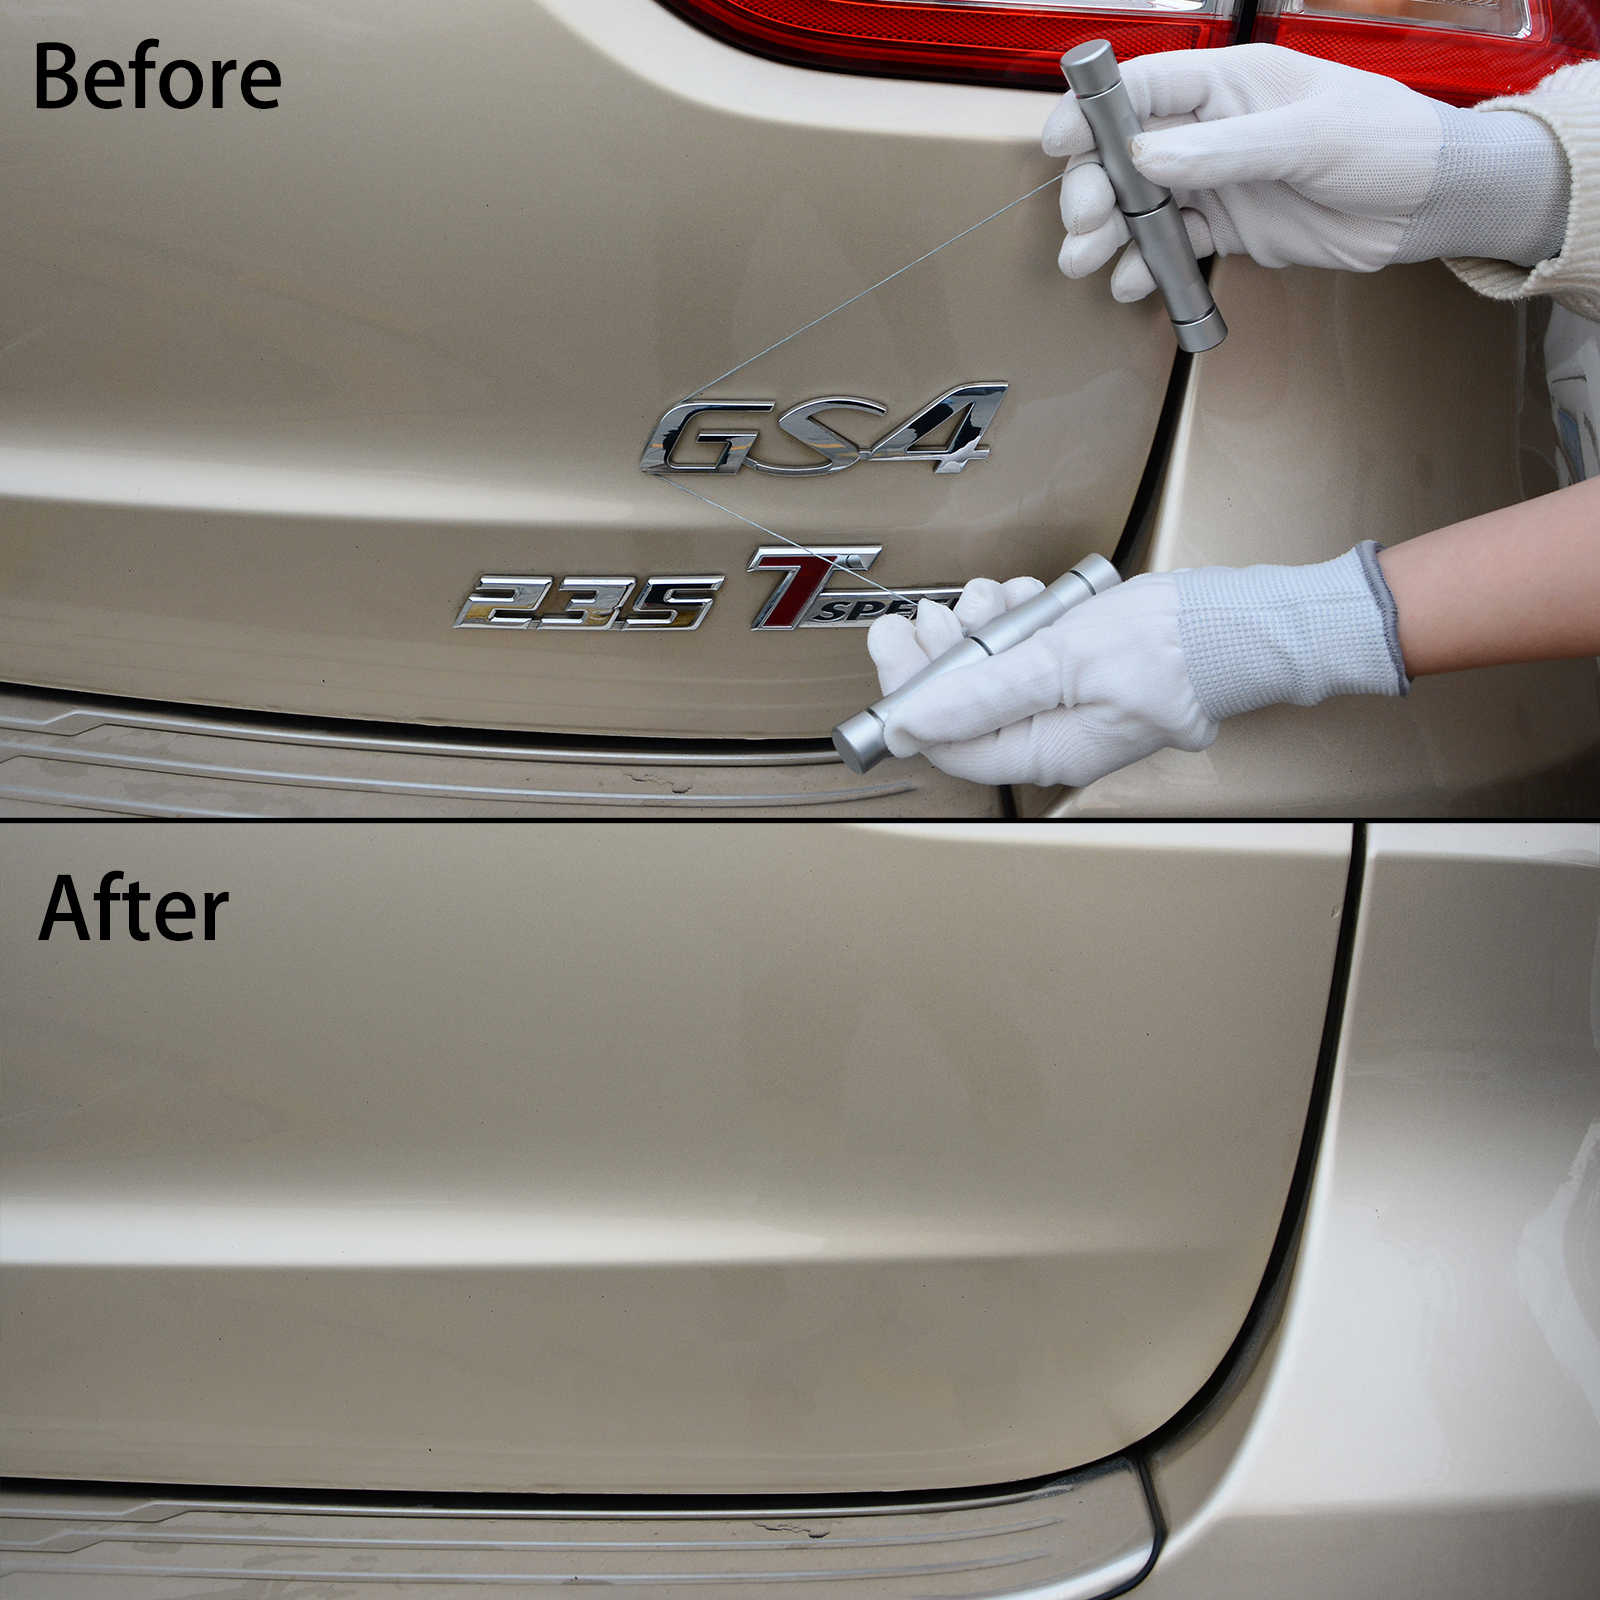 Ehdis emblemas do logotipo do carro removedor auto dianteiro sinal traseiro etiqueta scrape lidar com 4 pe linha janela do agregado familiar adesivo ferramenta limpa